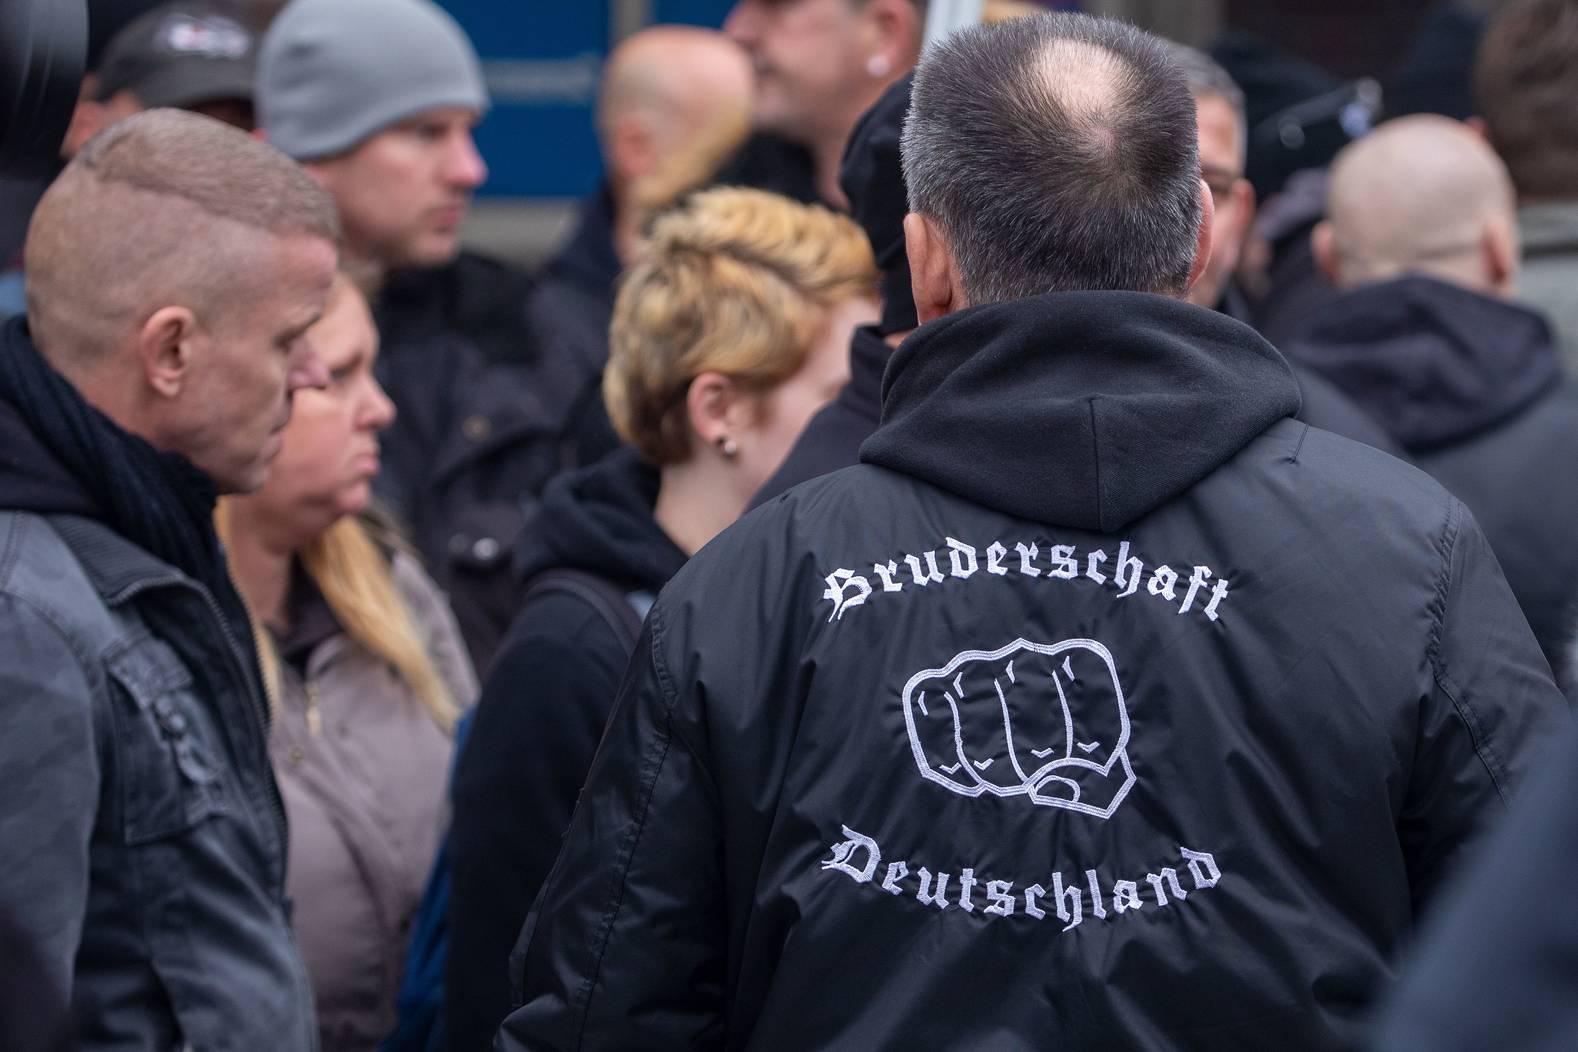 Mehrere selbsternannte Bürgerwehren unterstützten die Pegida-Demo.